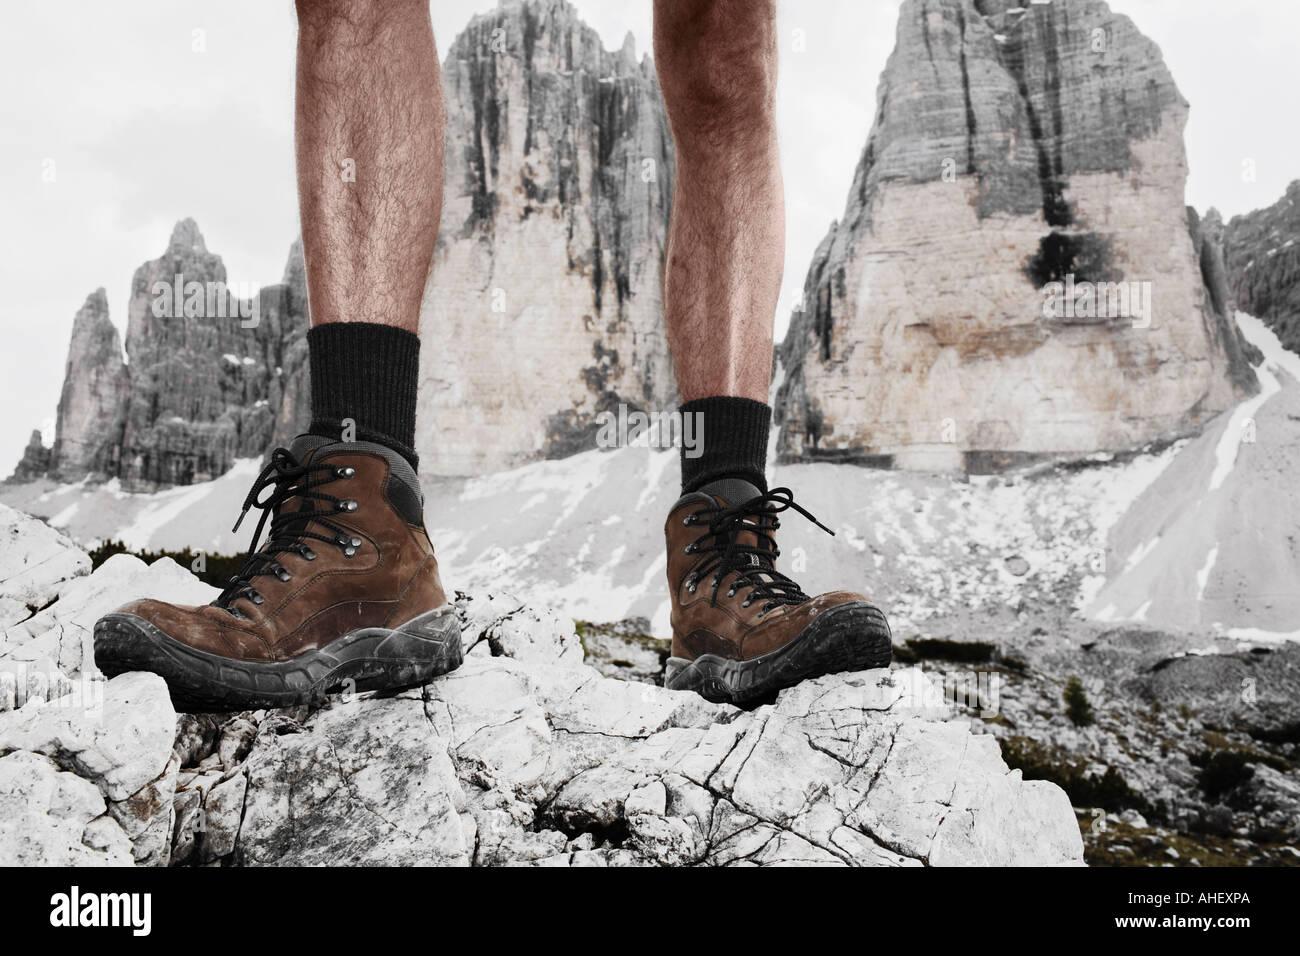 Scarpe di alpinista in piedi di fronte a vertici Tre Cime Tre Cime Dolomiti  Trentino 77e7809fdcb